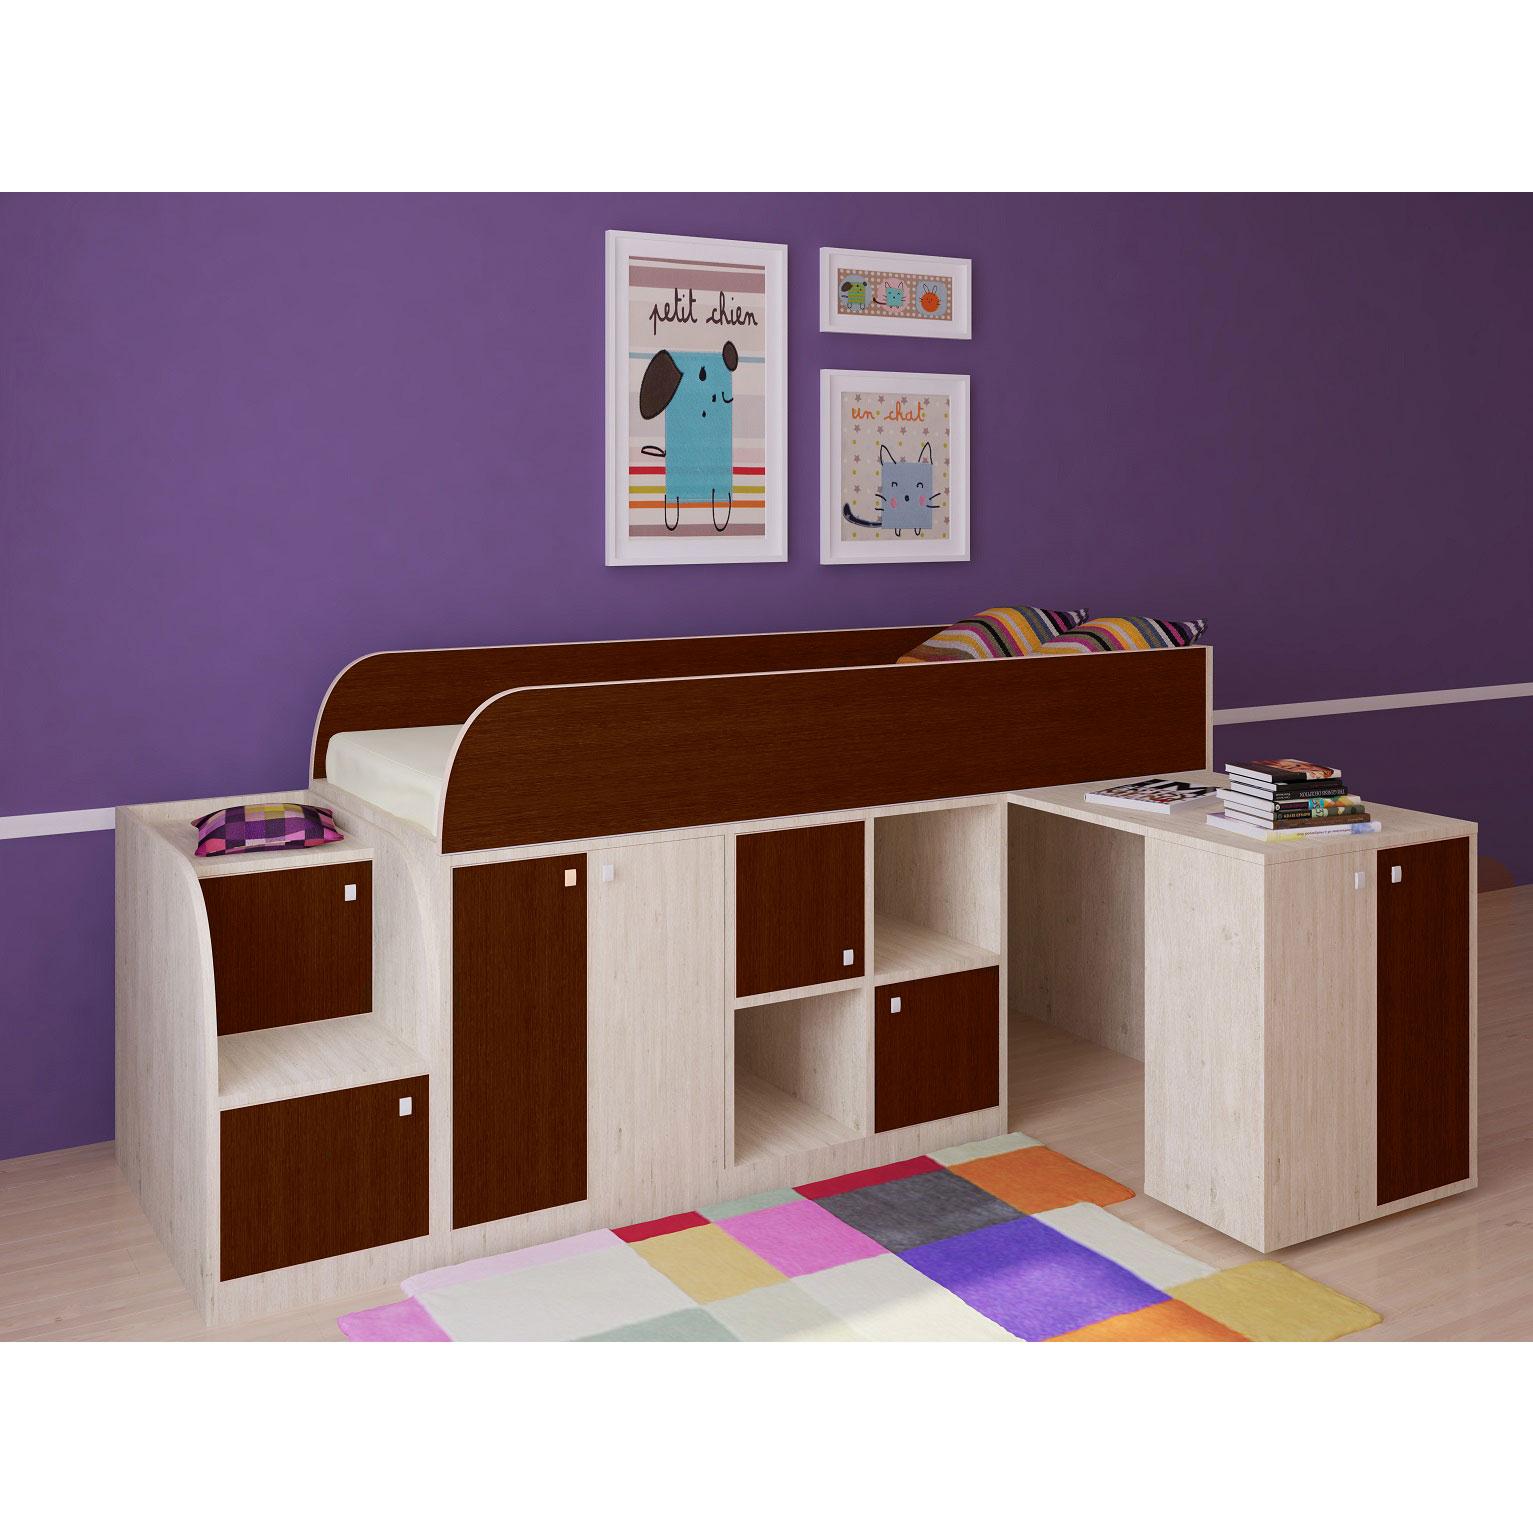 Набор мебели РВ-Мебель Астра мини Дуб молочный/Орех